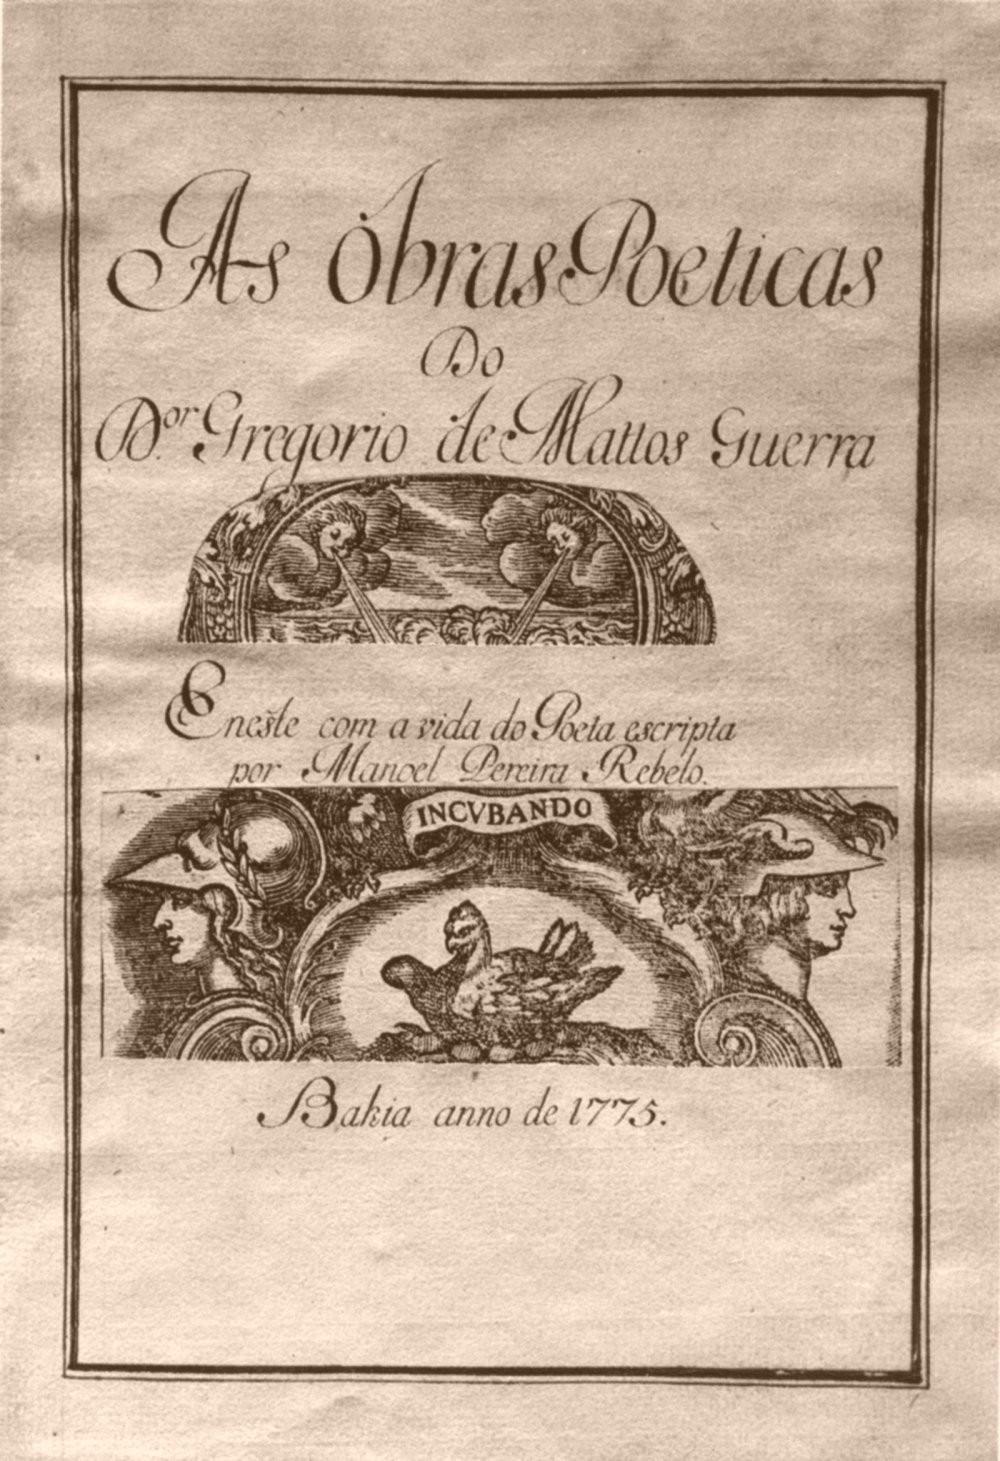 Livro com poemas de Gregório de Matos publicado em 1775 (Foto: Wikimedia Commons)